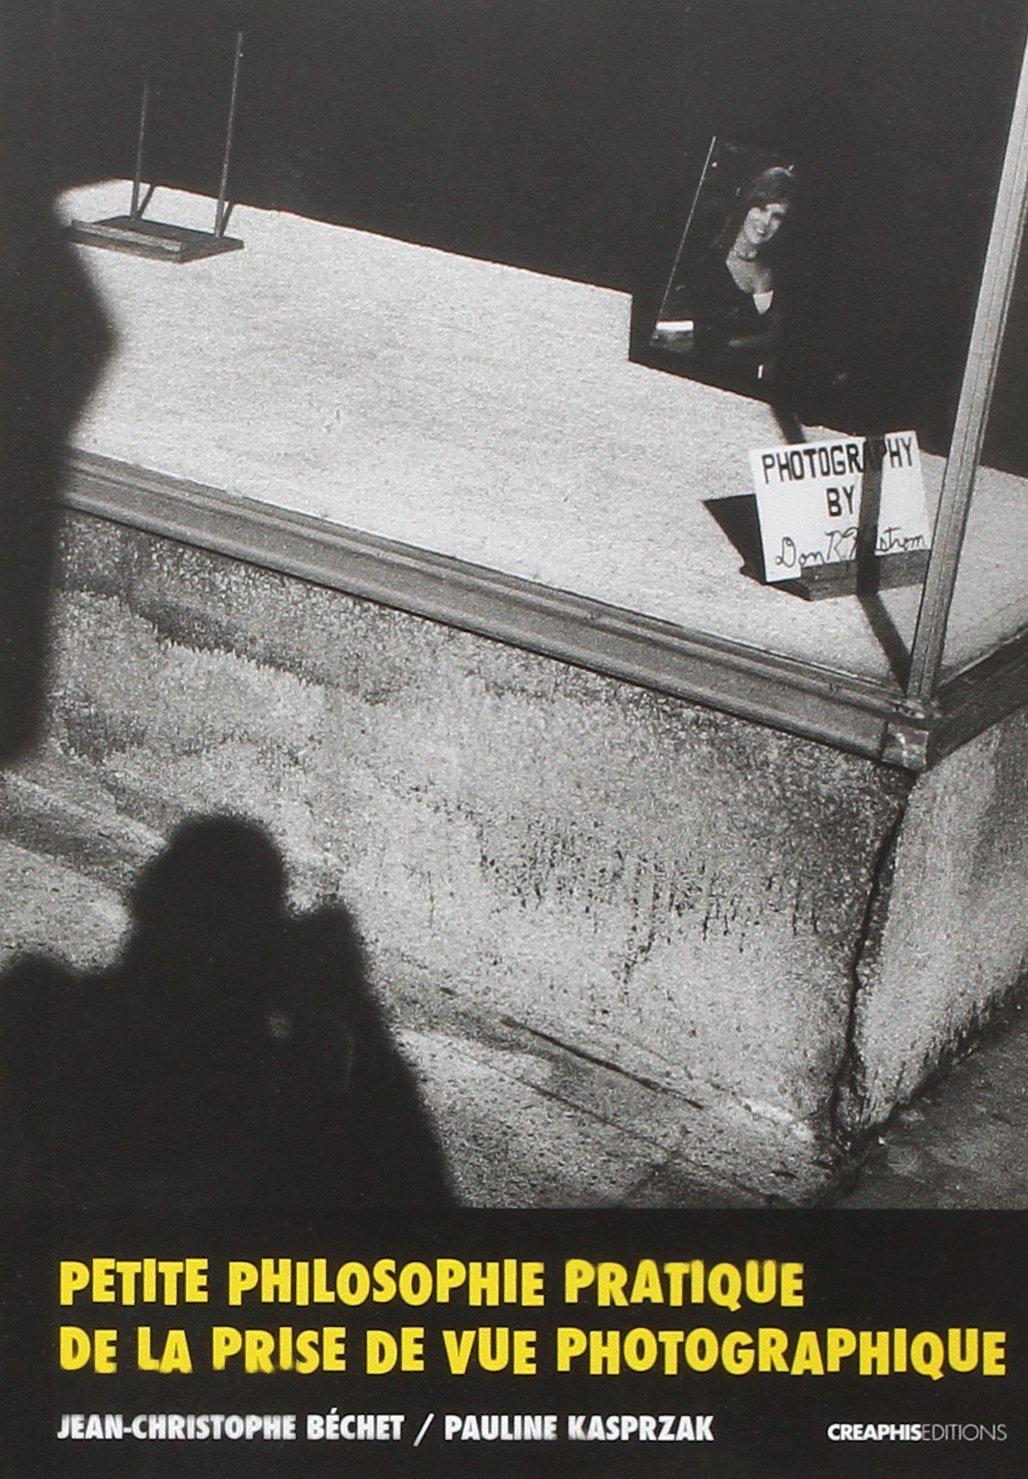 """Résultat de recherche d'images pour """"petite philosophie pratique de la prise de vue photographique"""""""